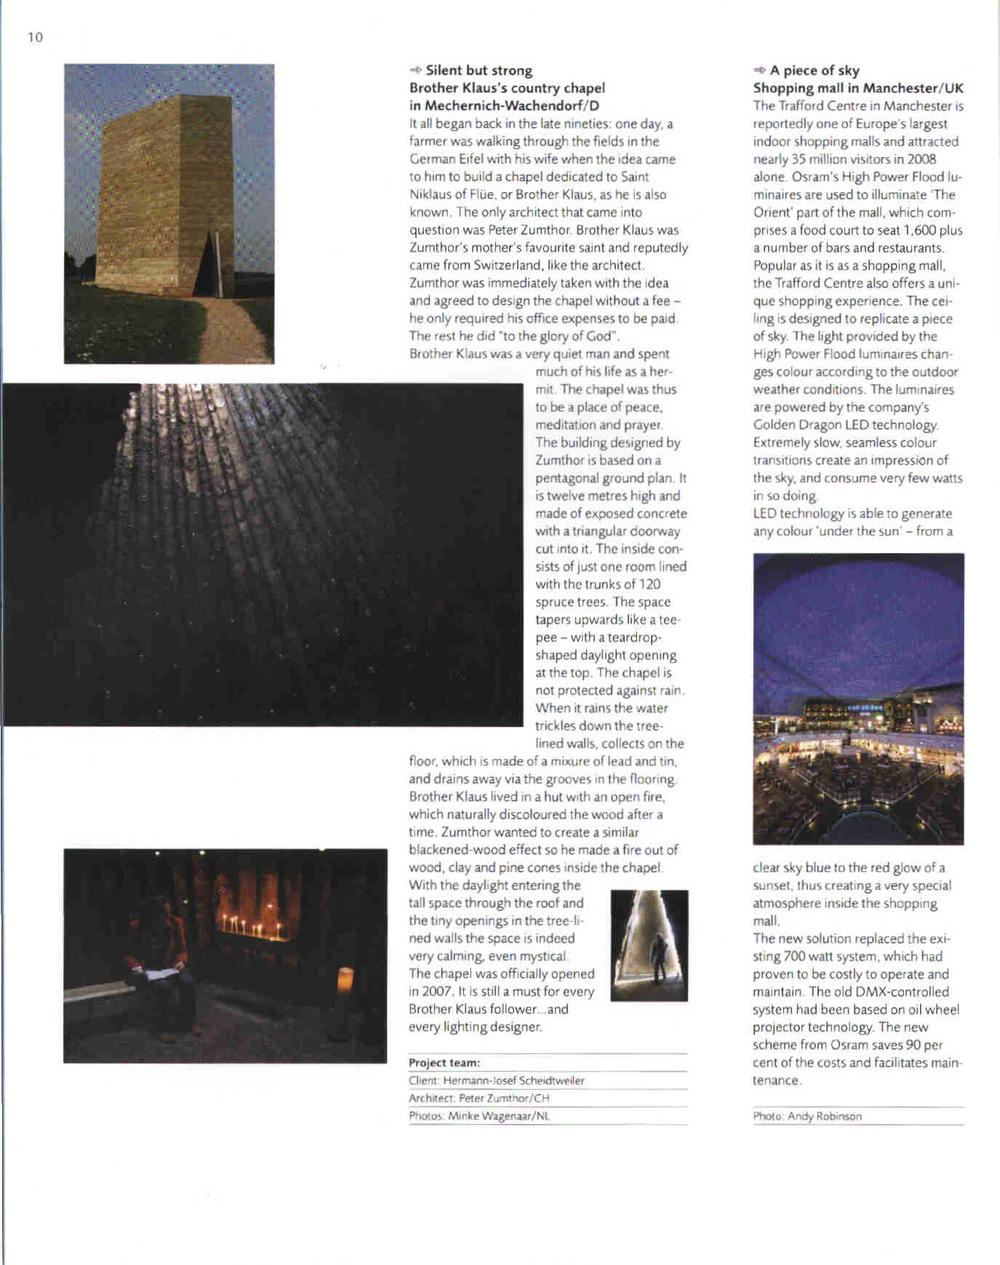 Gepubliceerd in Professional Lighting Design, no. 67 juli/aug 2009, p. 10